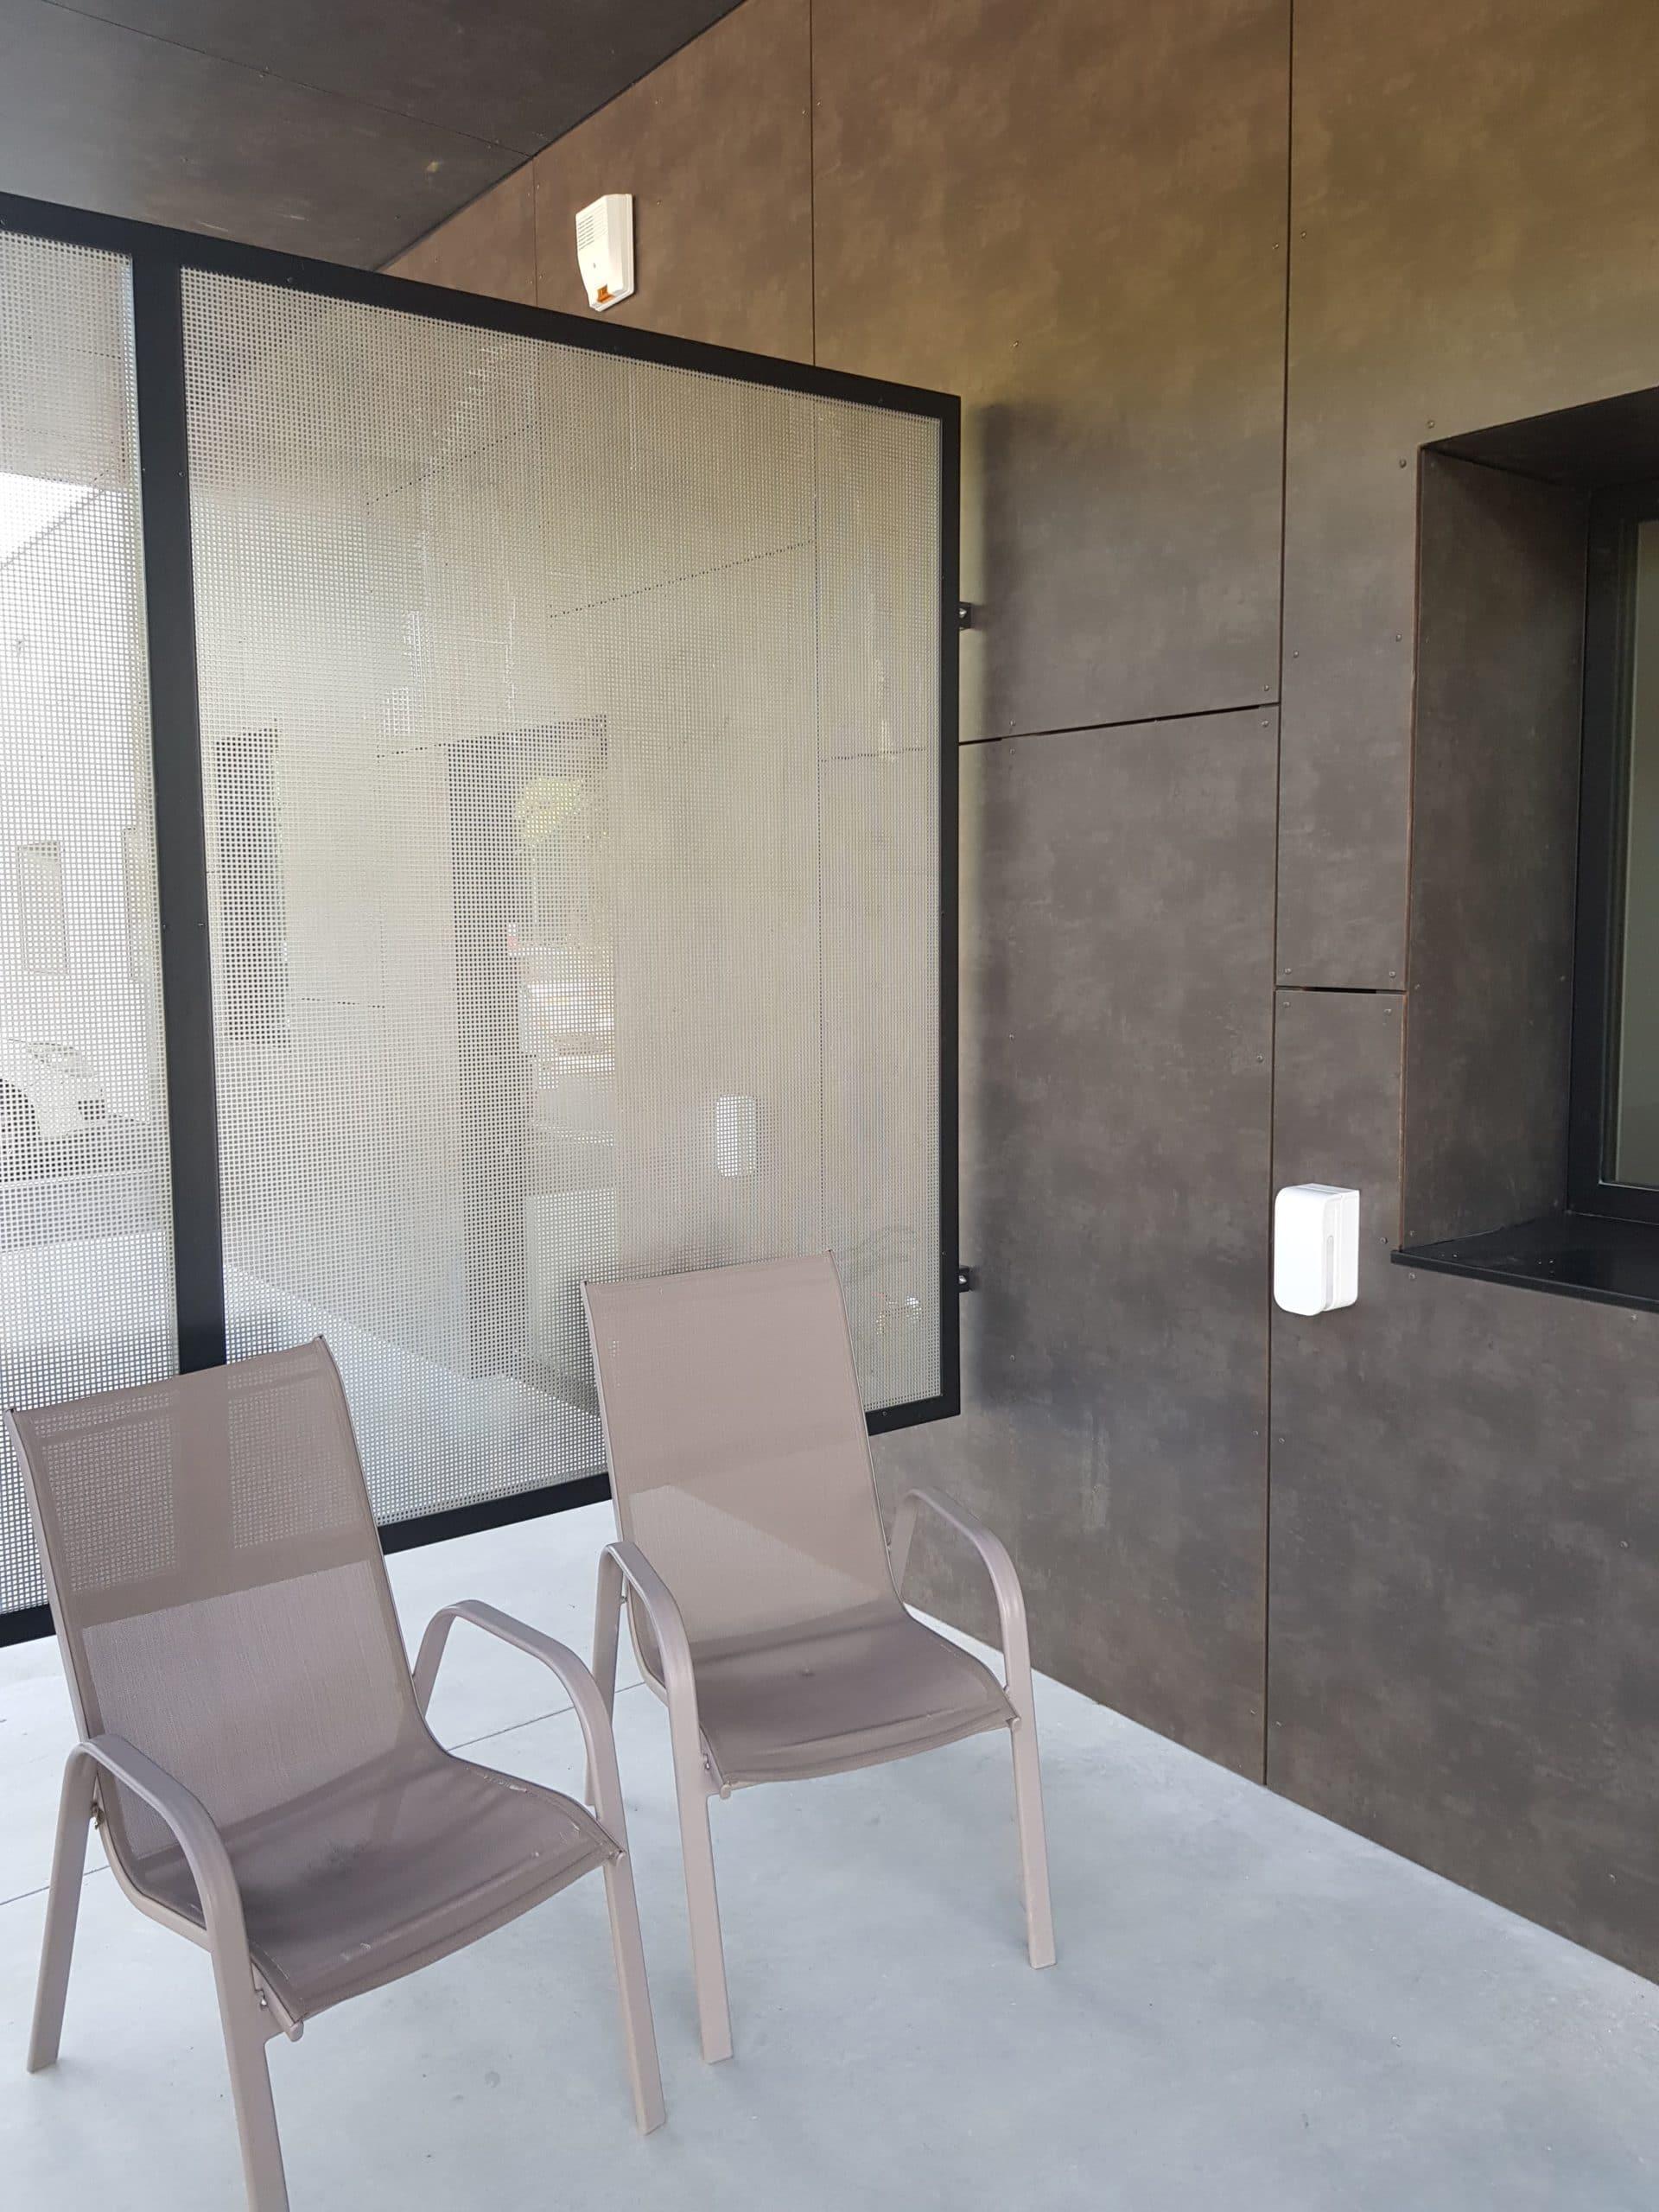 Protection espace détente d'une clinique vétérinaire sur Aix en Provence avec un détecteur linéaire de façade Optex Bxs